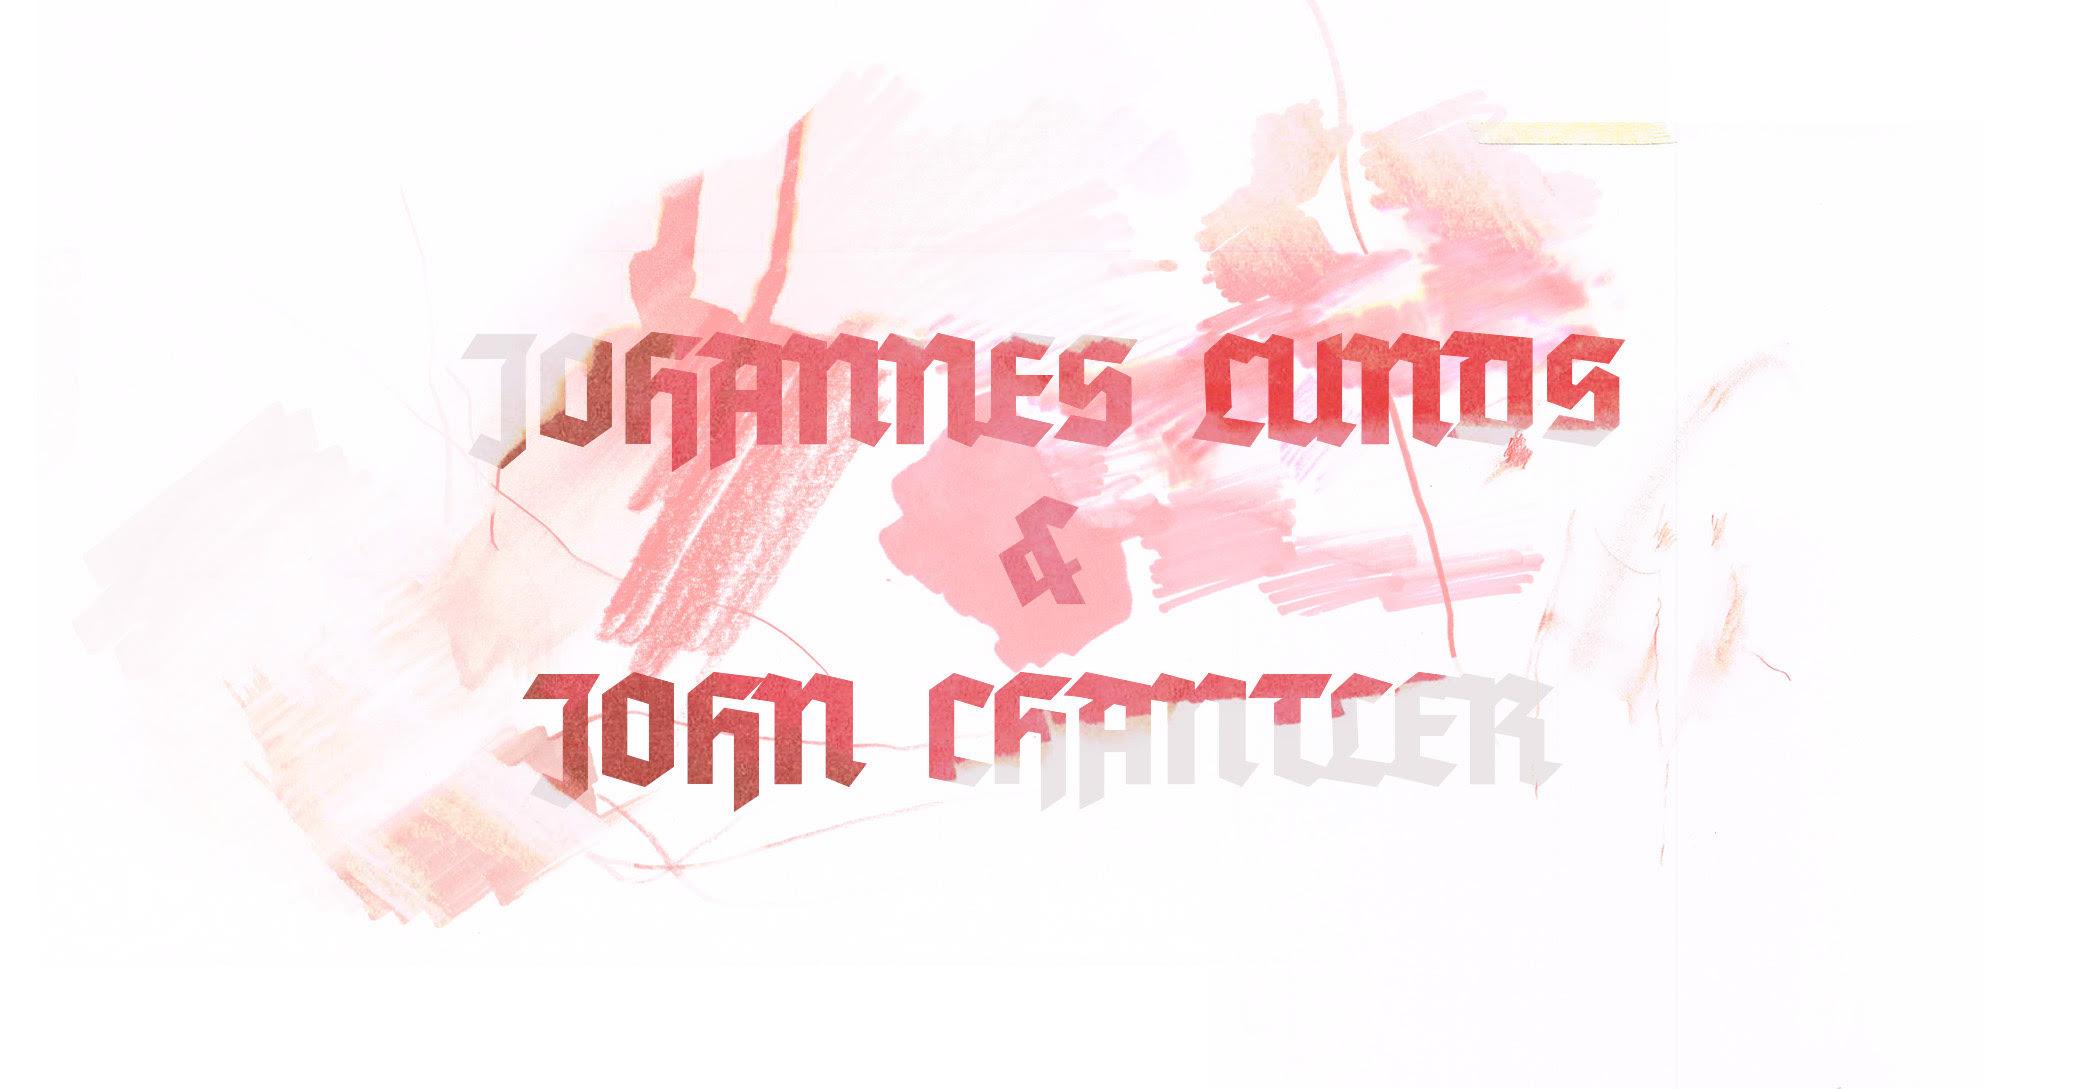 JOHN CHANTLER & JOHANNES LUNDS